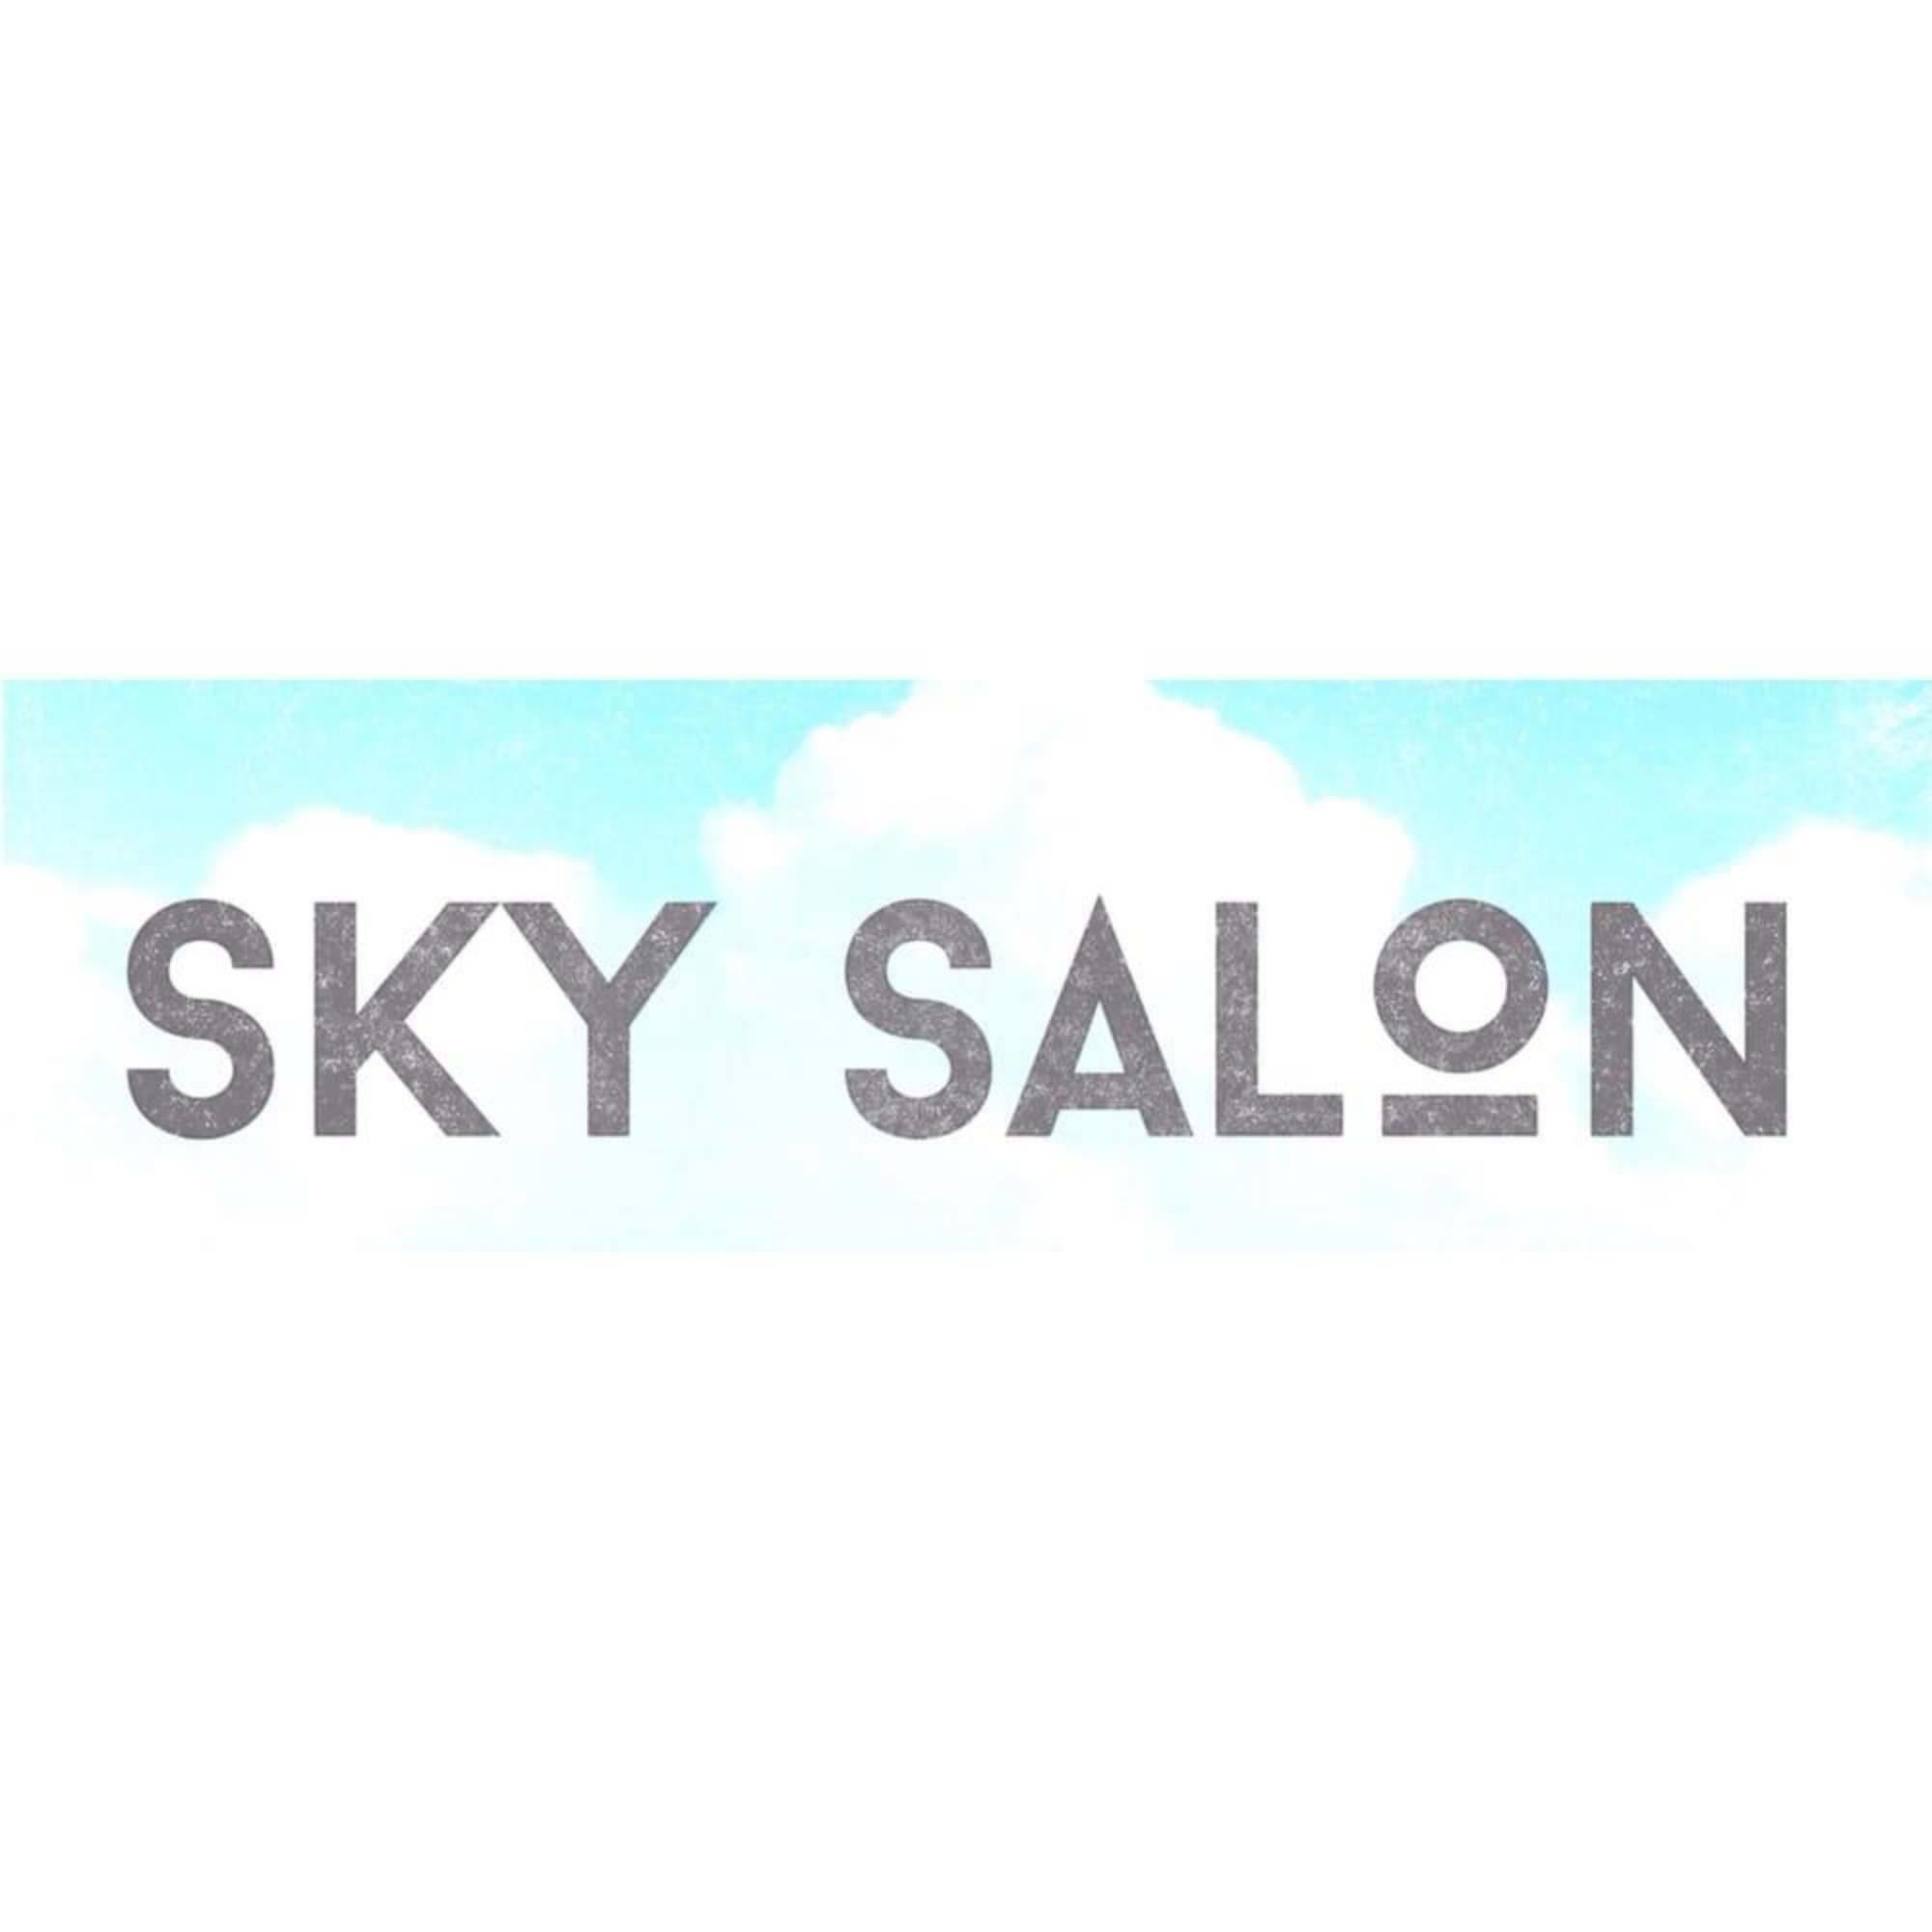 Sky Salon Lincoln - Lincoln, MA 01773 - (781)259-0550 | ShowMeLocal.com